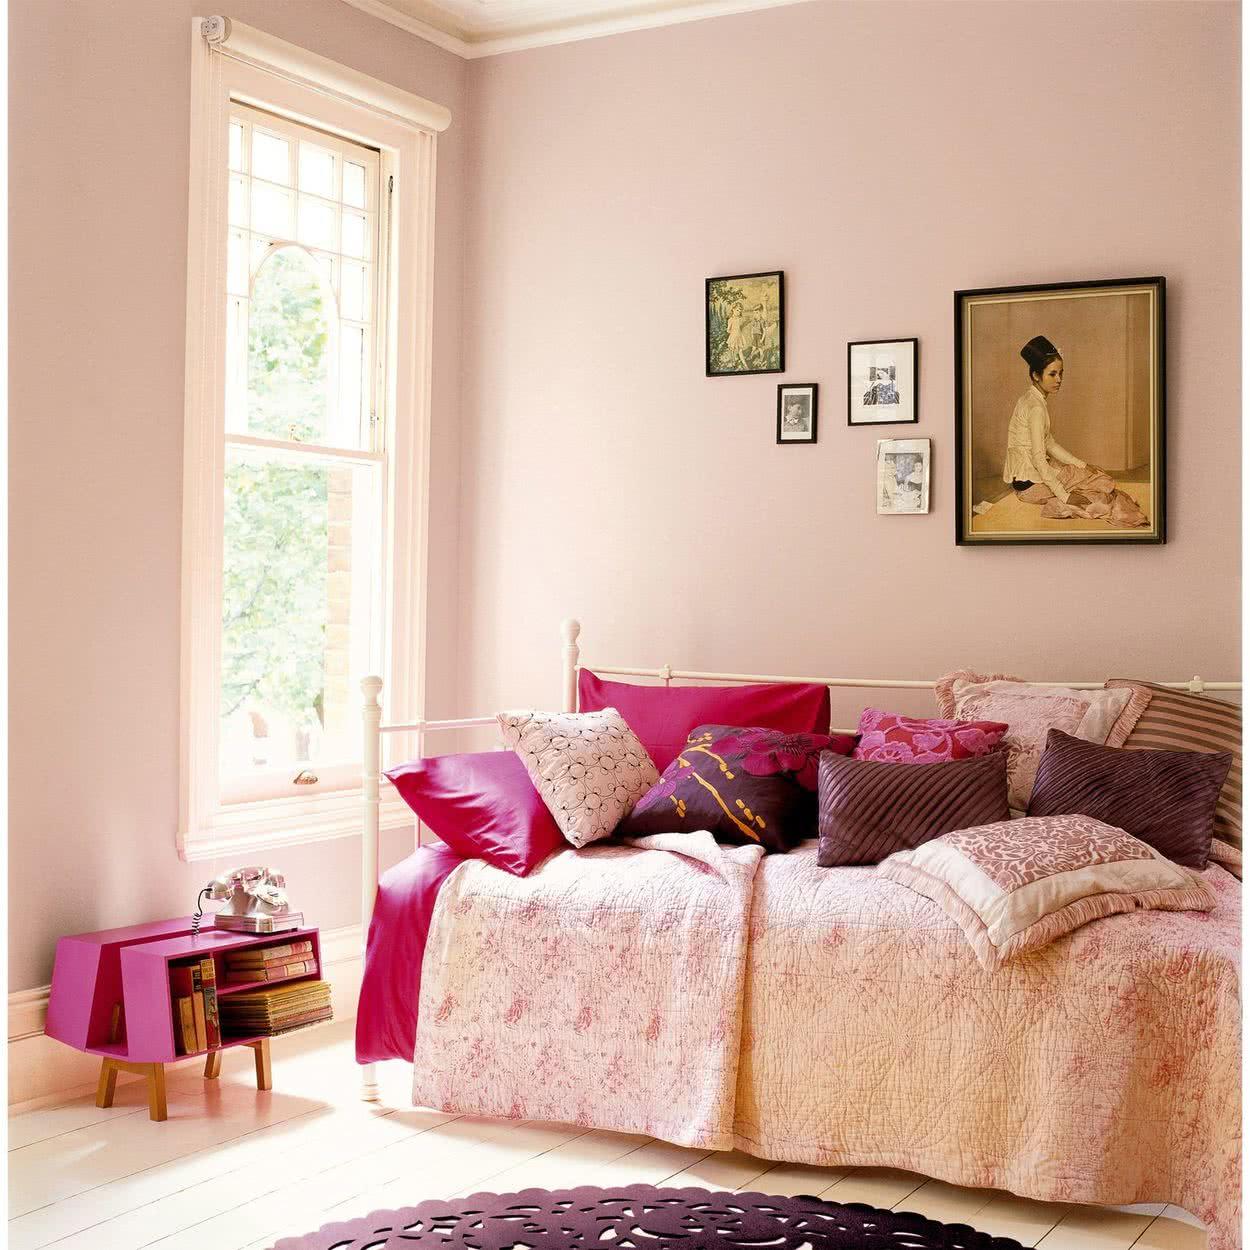 Habitaciones para adolescentes mujeres 30 im genes y consejos - Decoraciones para la pared ...